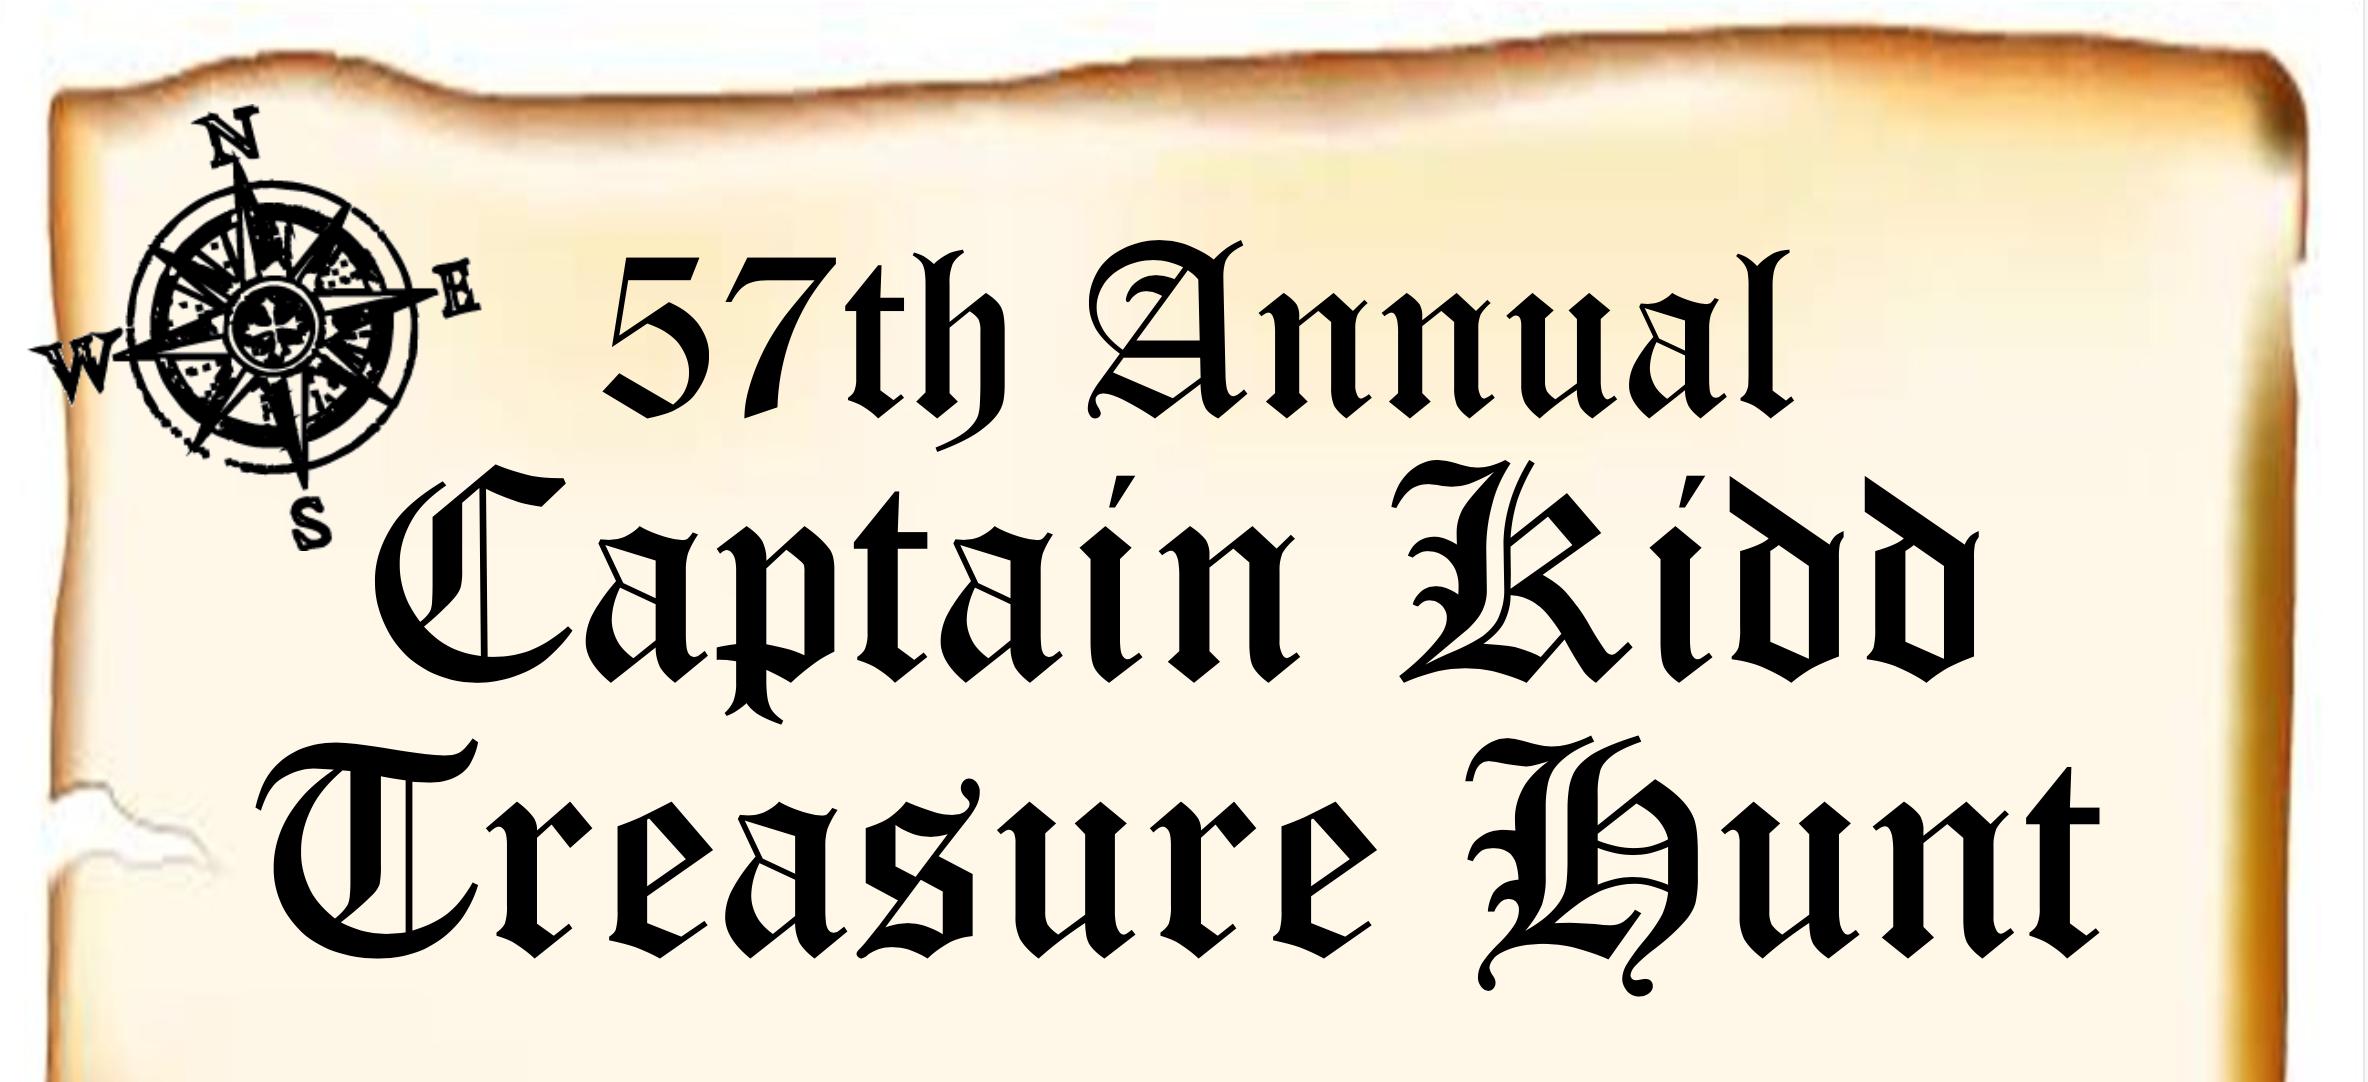 57th Annual Cape May Captain Kidd Treasure Hunt